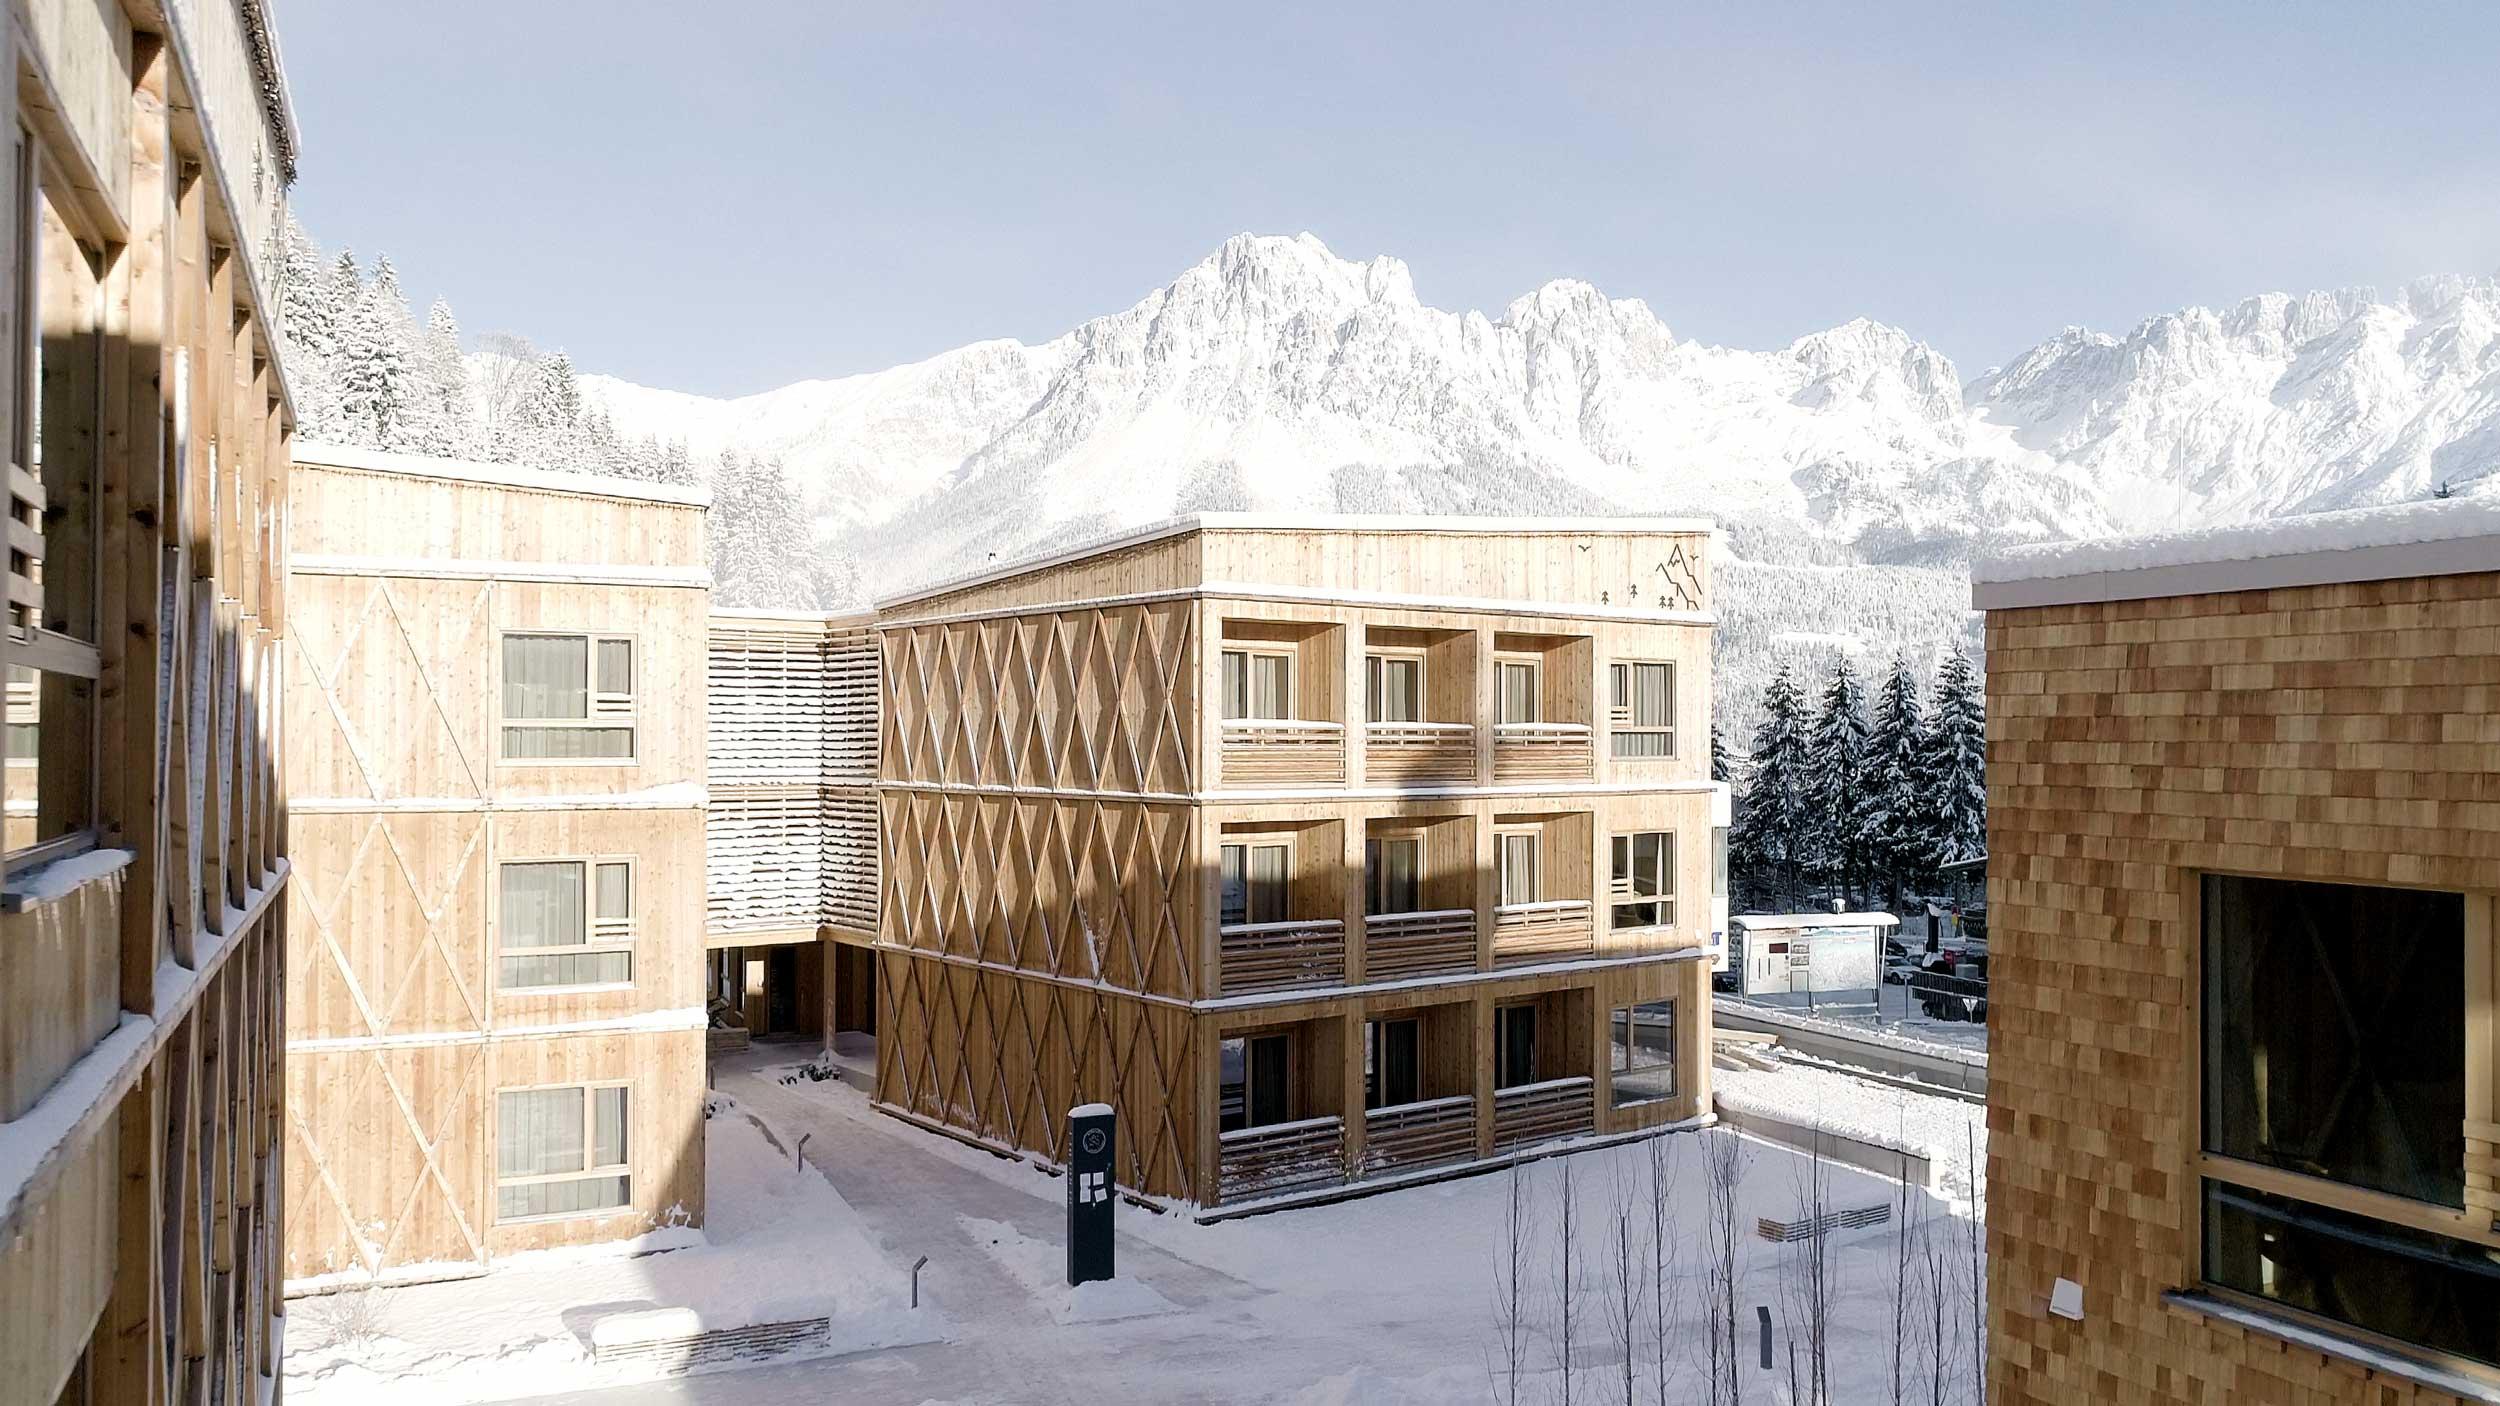 Die einzelnen Wohneinheiten der Tirol Lodge bestehen aus modernsten Holzbaumodulen.